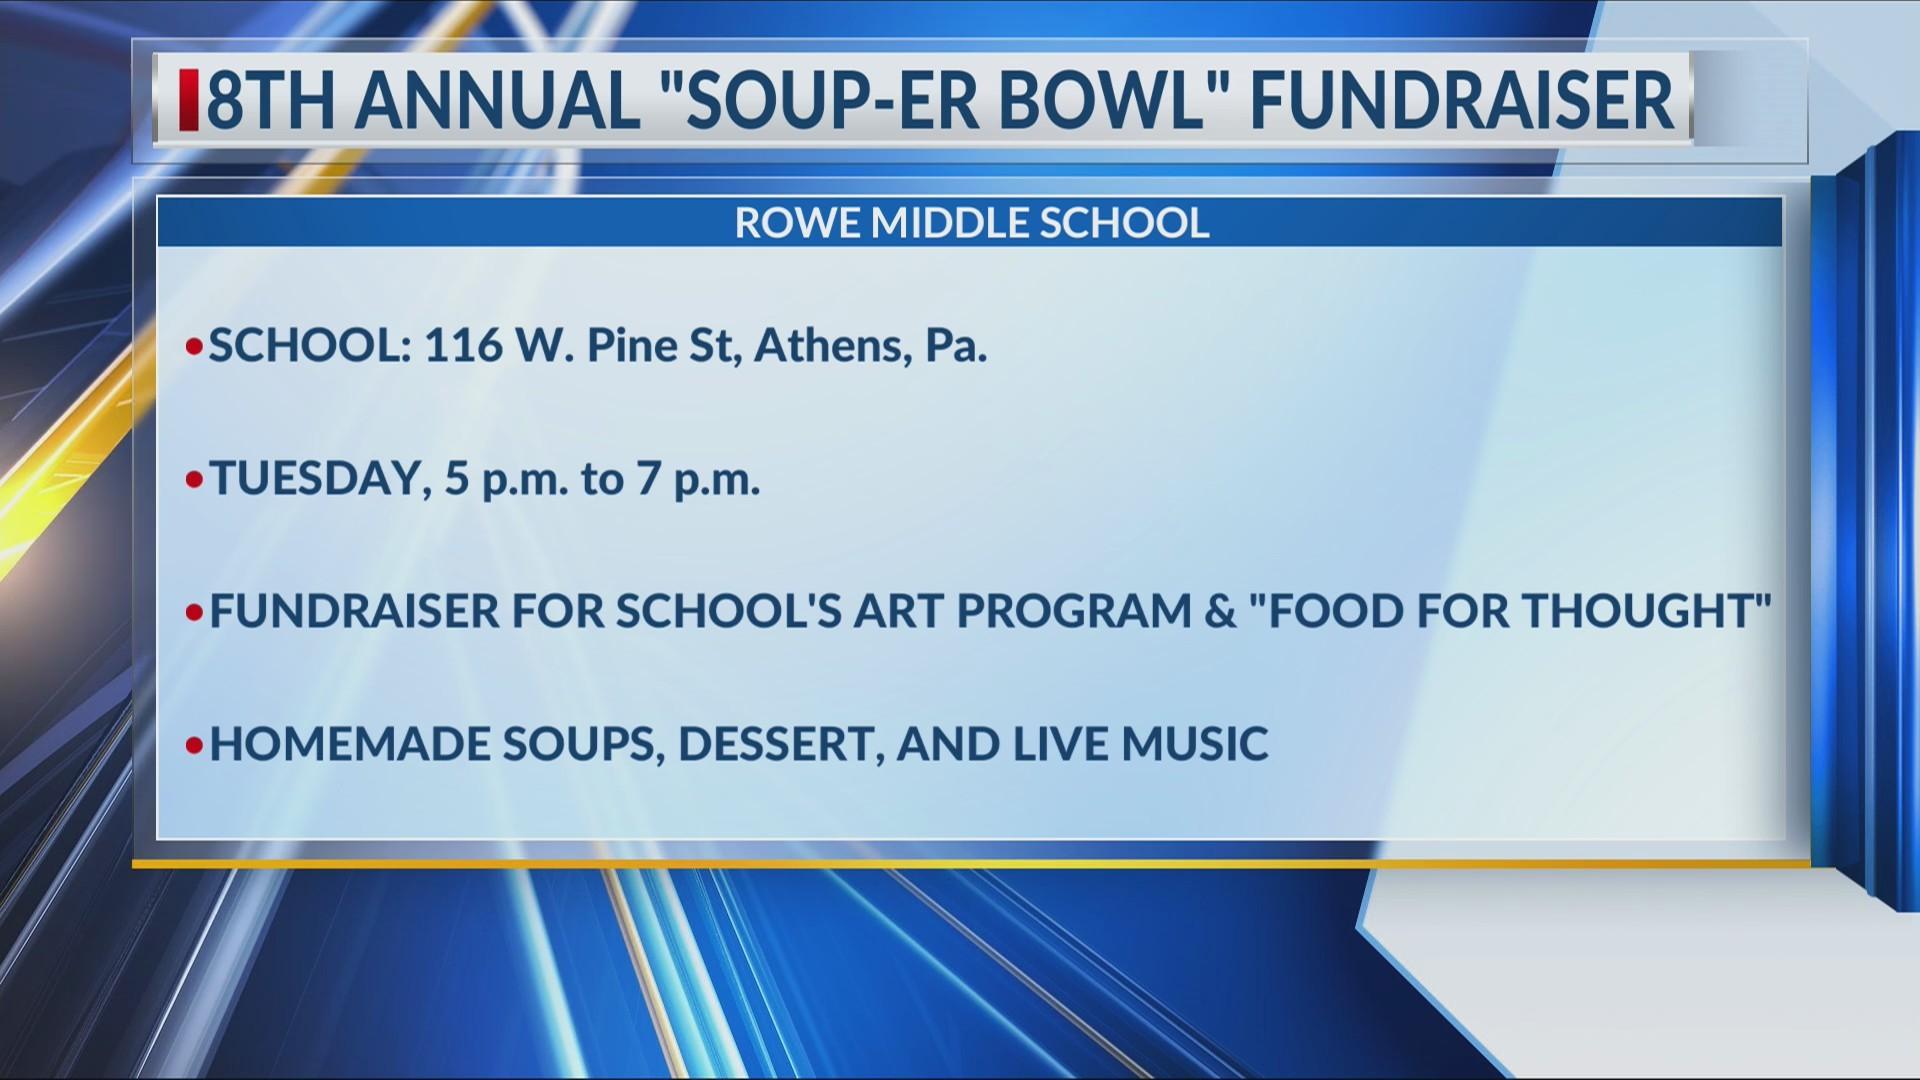 _Soup_er_Bowl__fundraiser_in_Athens_8_20190218024743